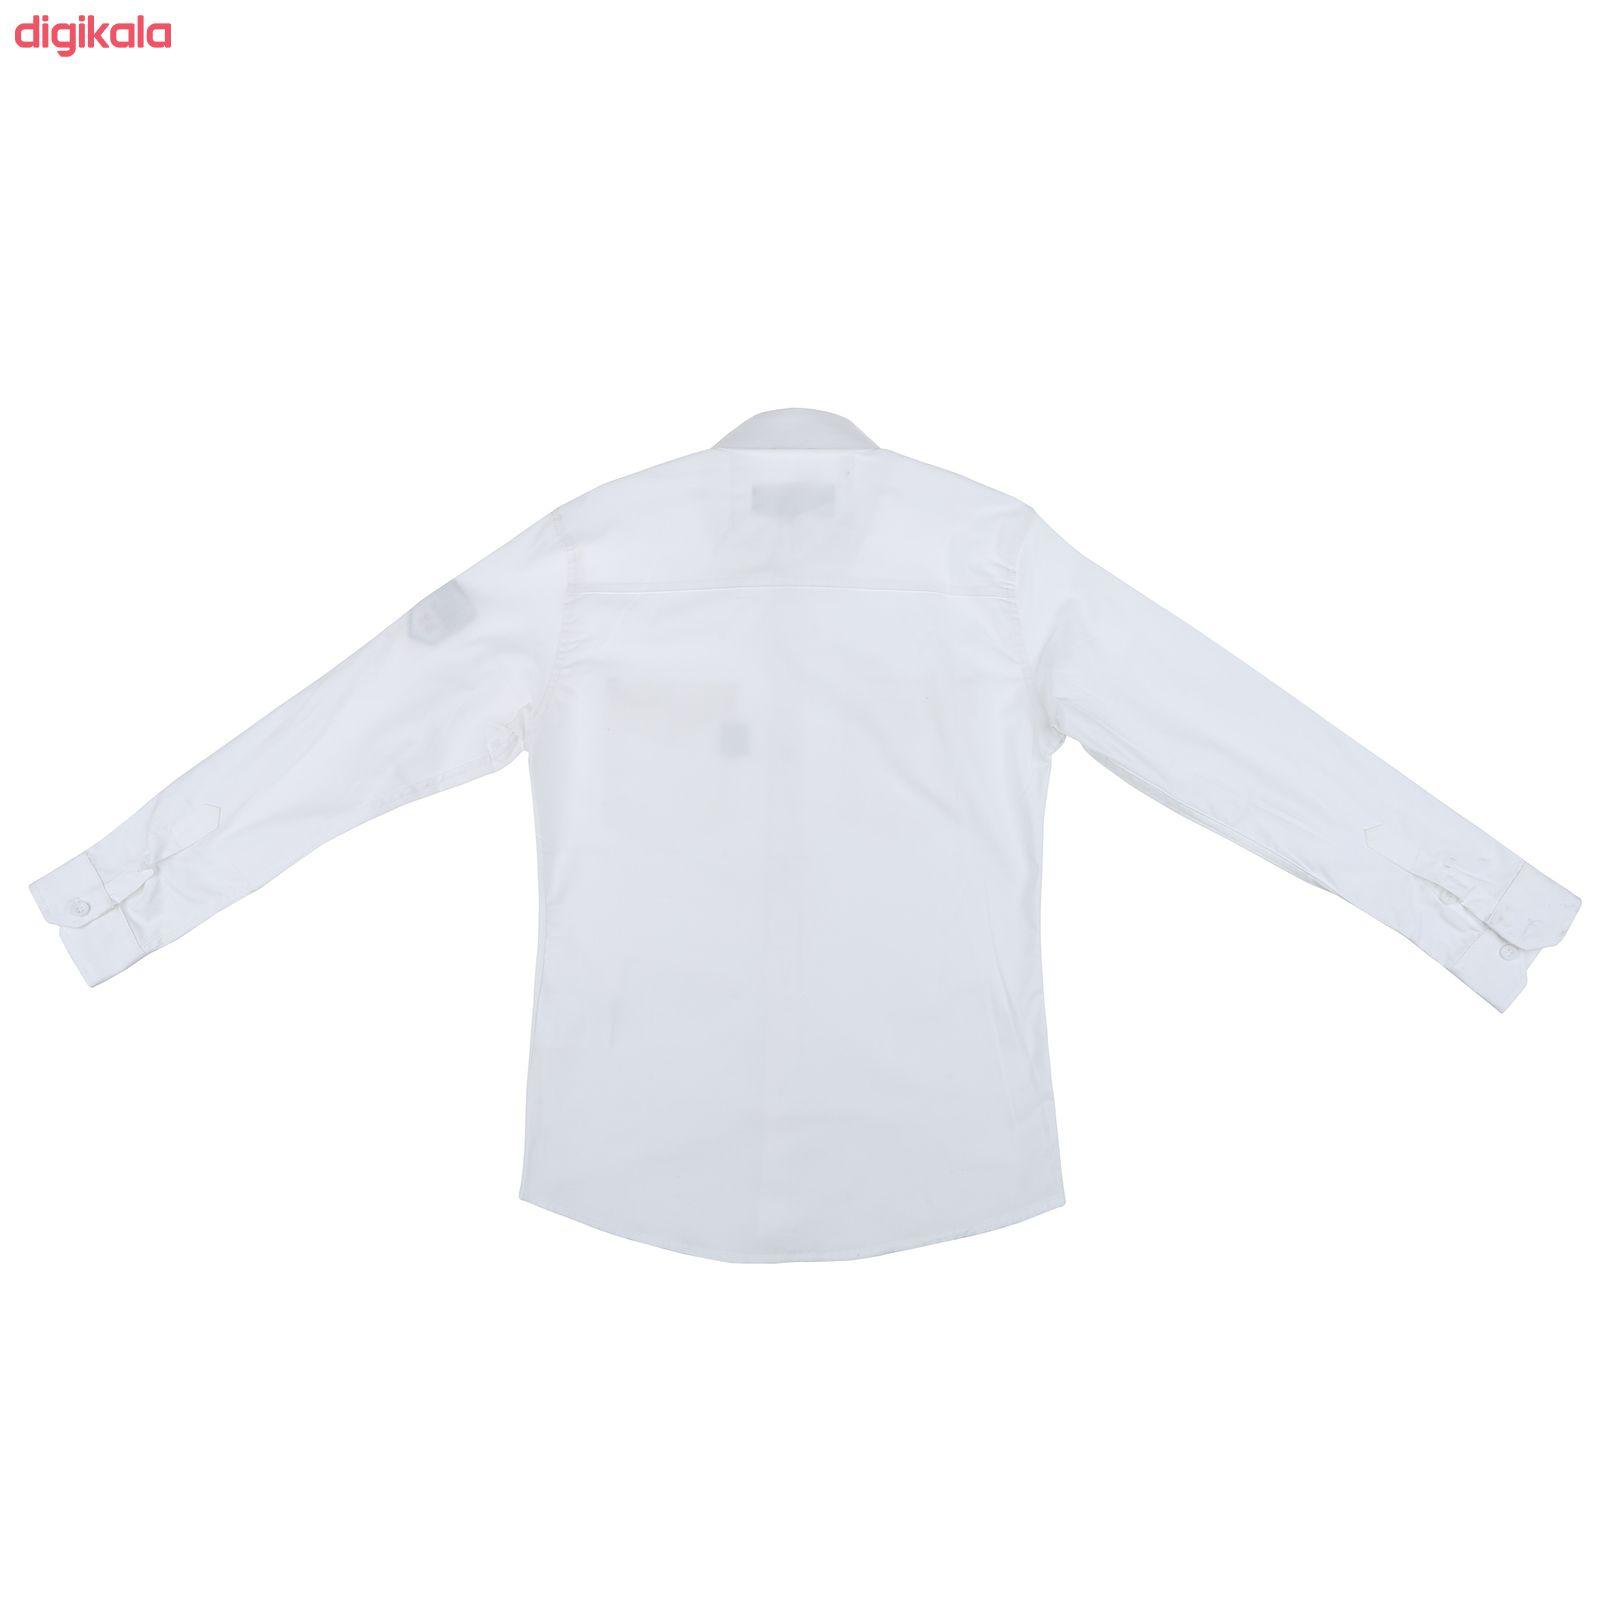 پیراهن پسرانه ناوالس کد 20119-WH main 1 1